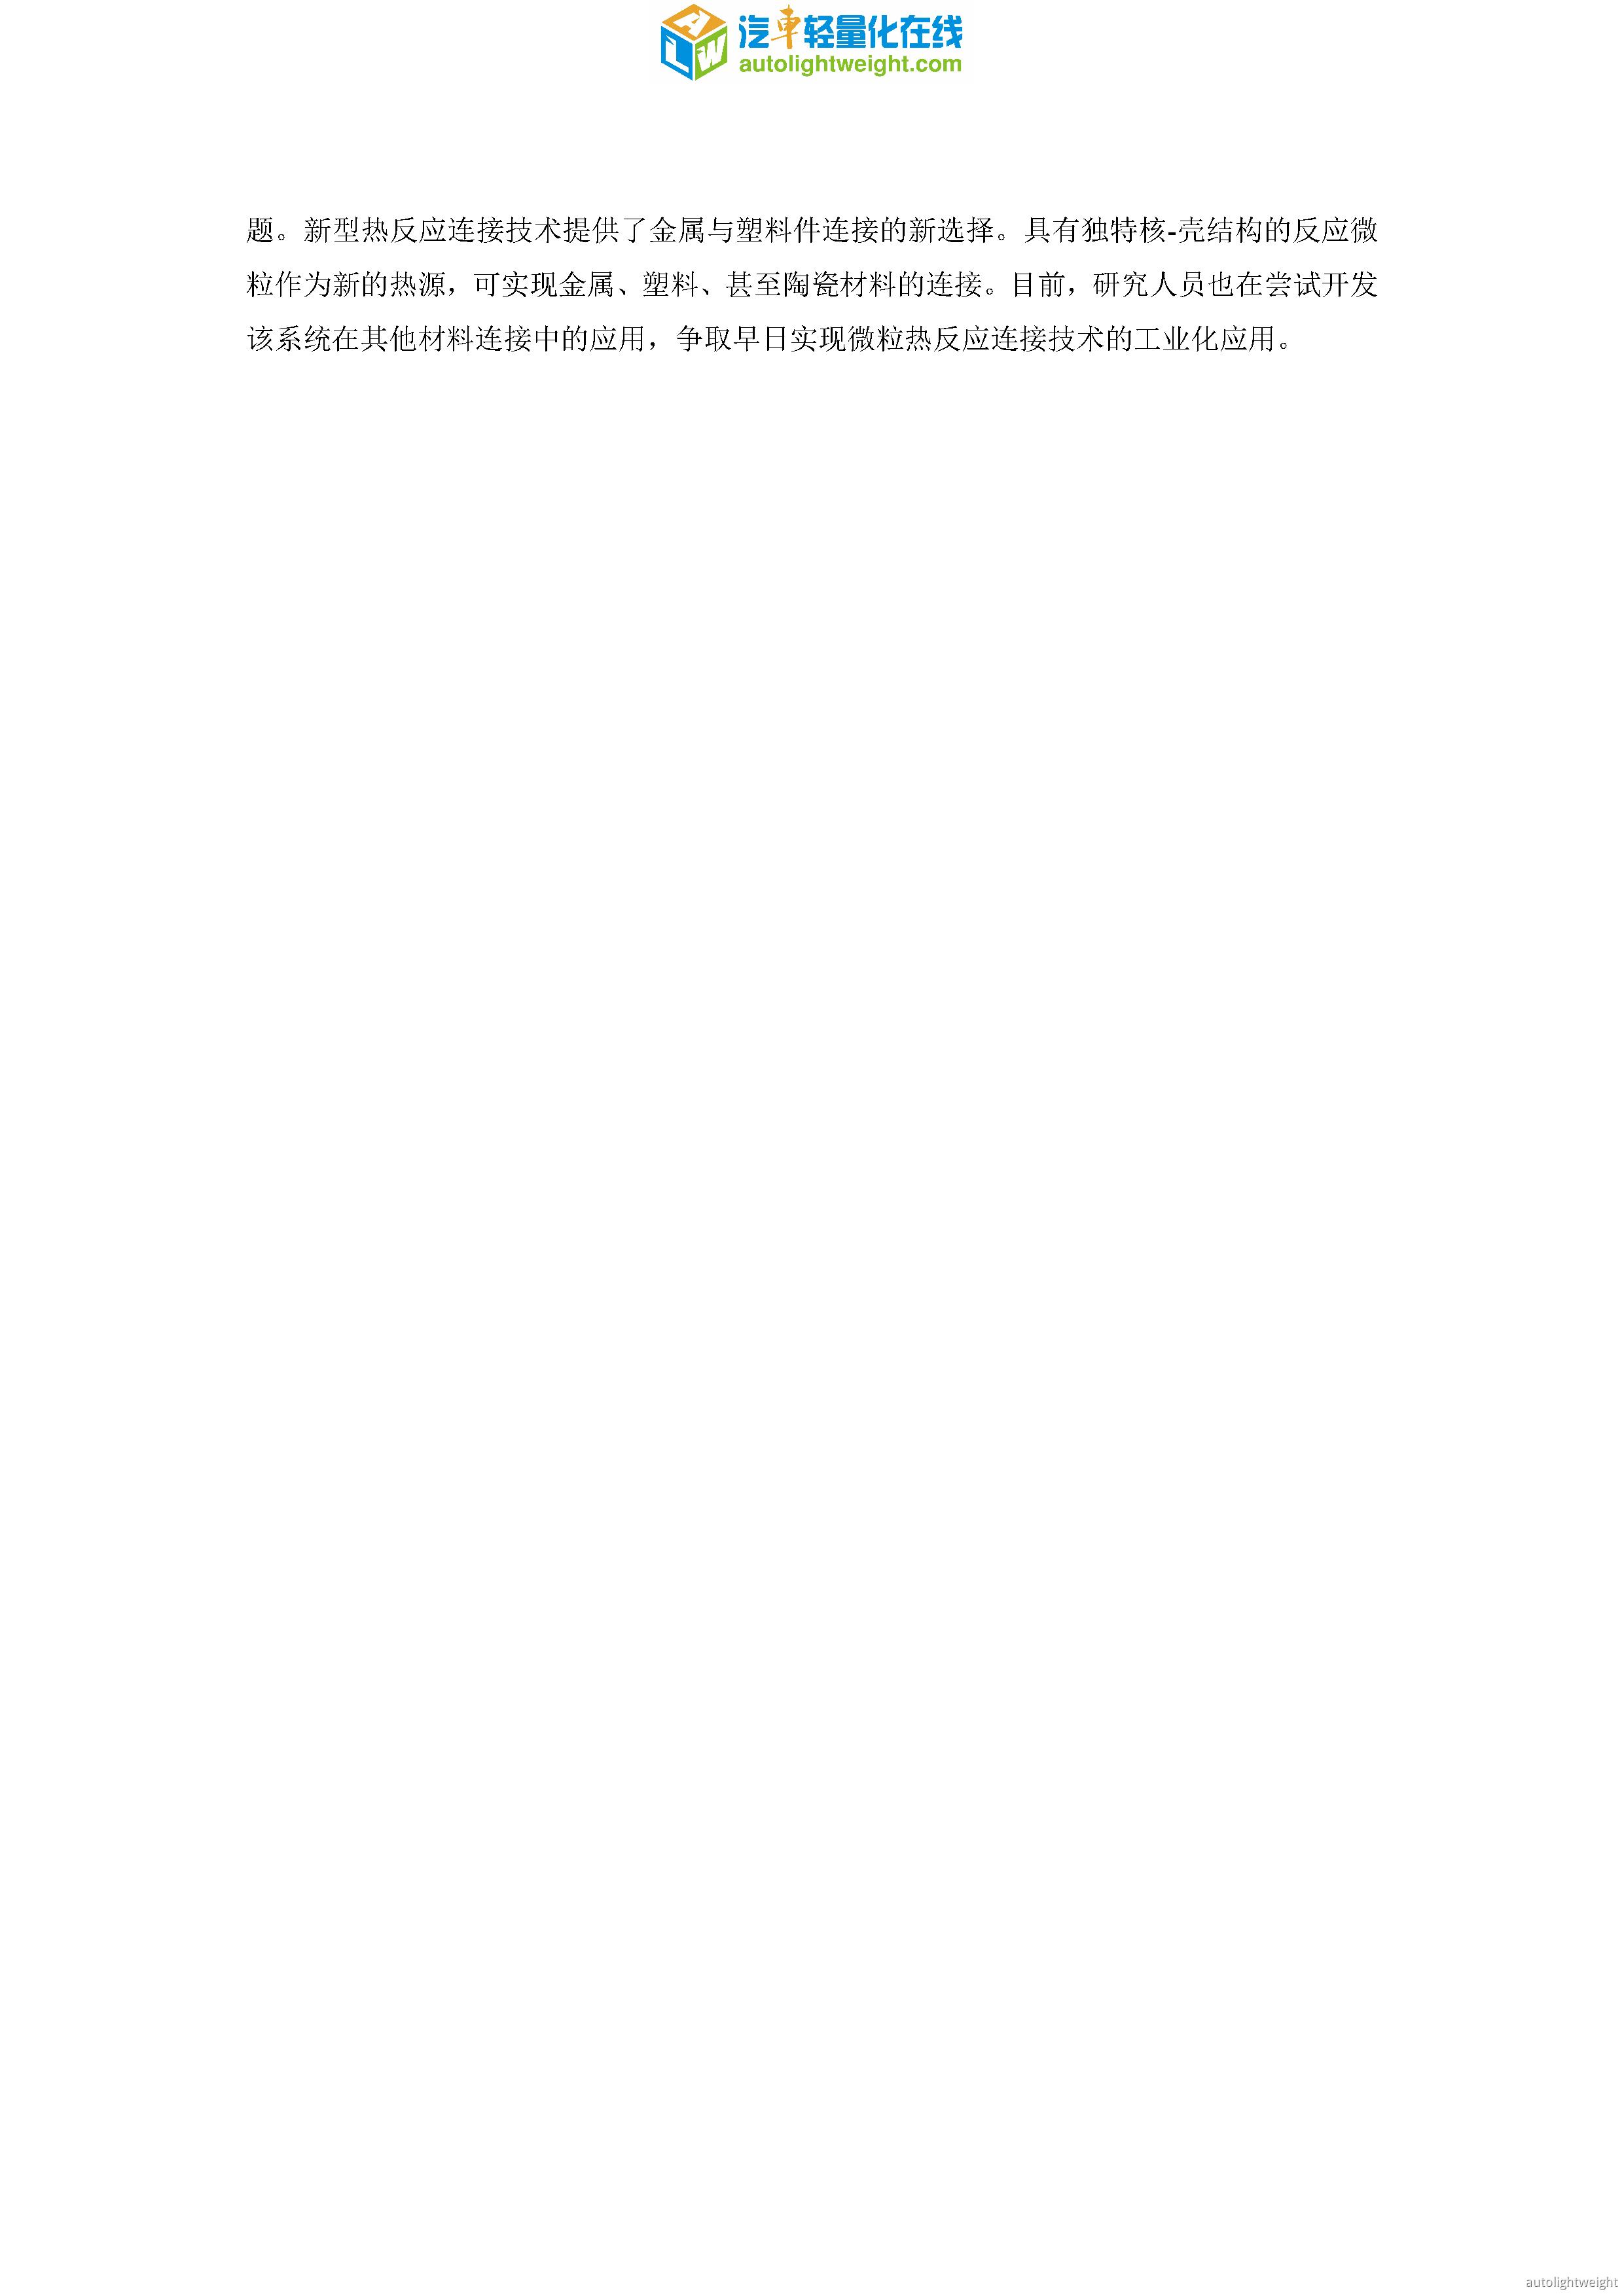 慕尼黑工大研发出车用复合材料新型连接技术——微粒热反应连接_页面_4.png